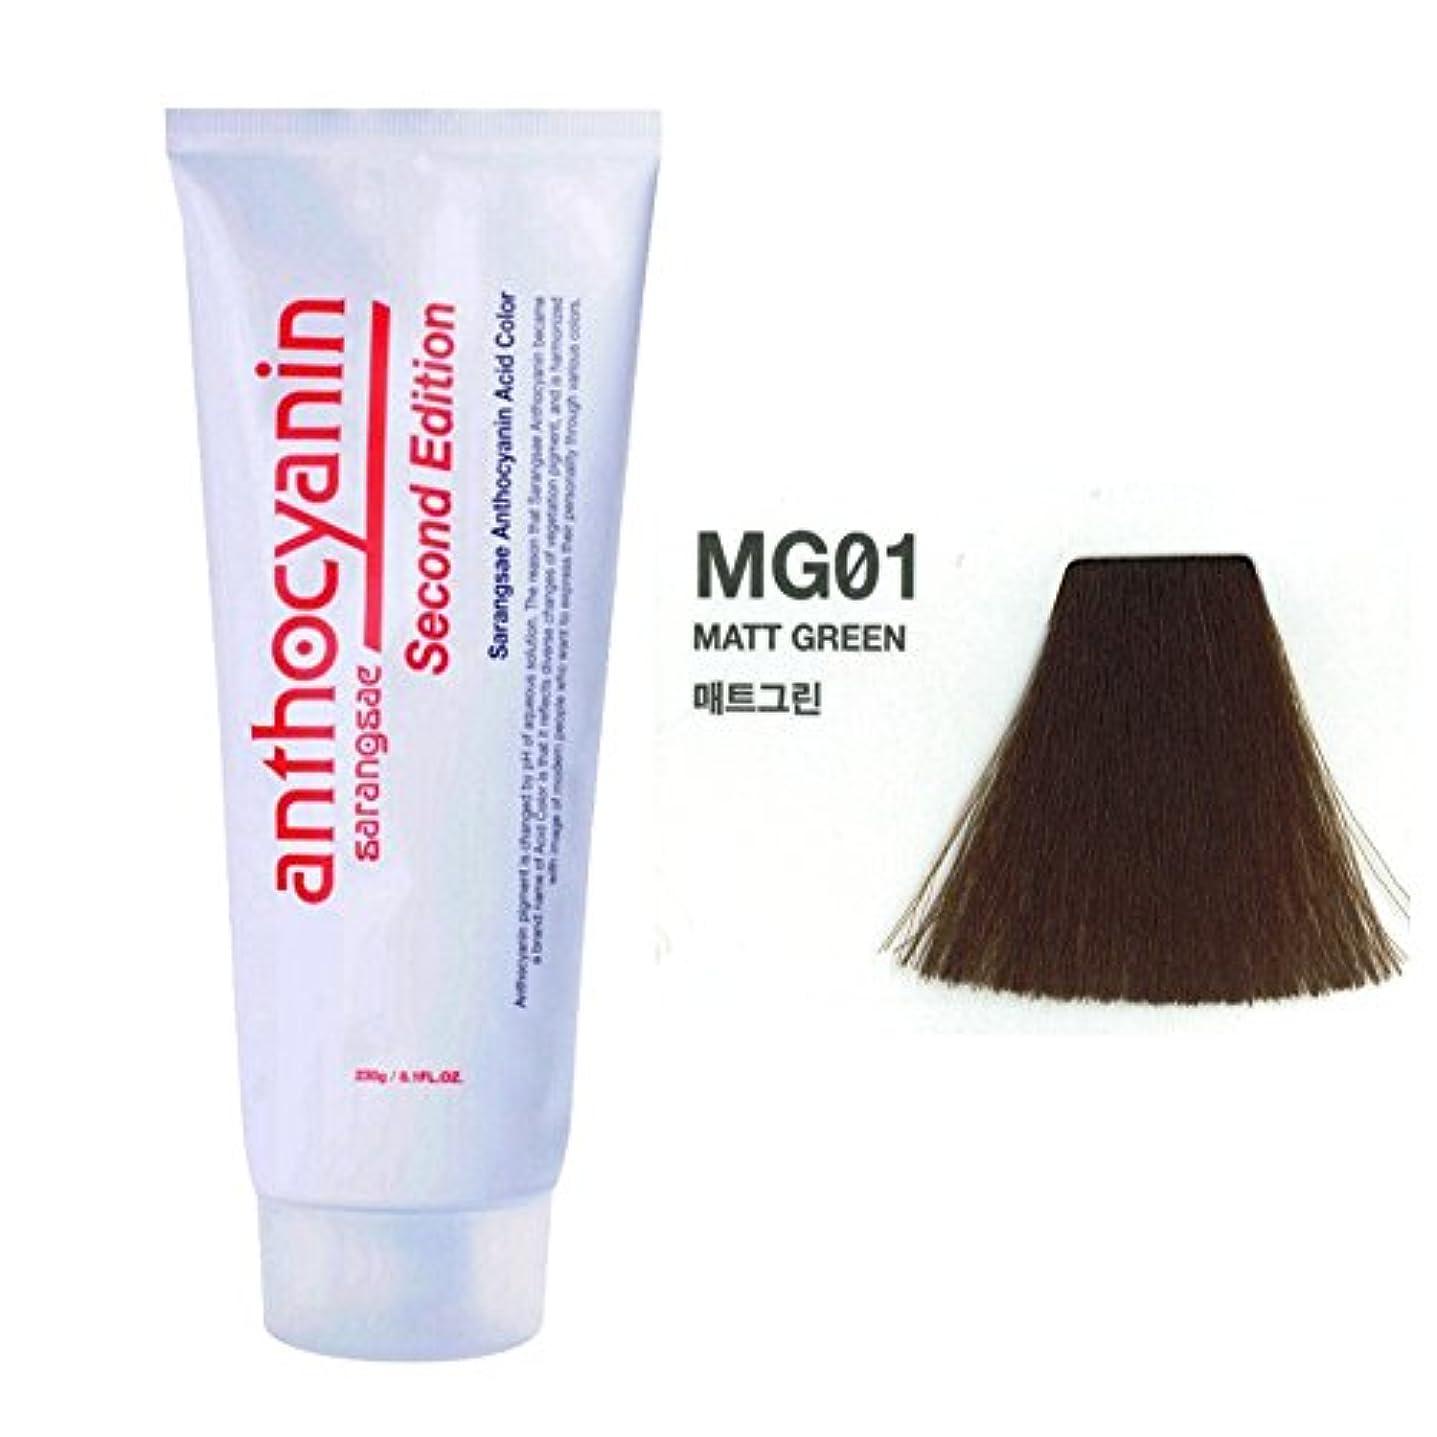 統合する浪費戦闘ヘア マニキュア カラー セカンド エディション 230g セミ パーマネント 染毛剤 (Hair Manicure Color Second Edition 230g Semi Permanent Hair Dye) [並行輸入品] (MG01 Marr Green)